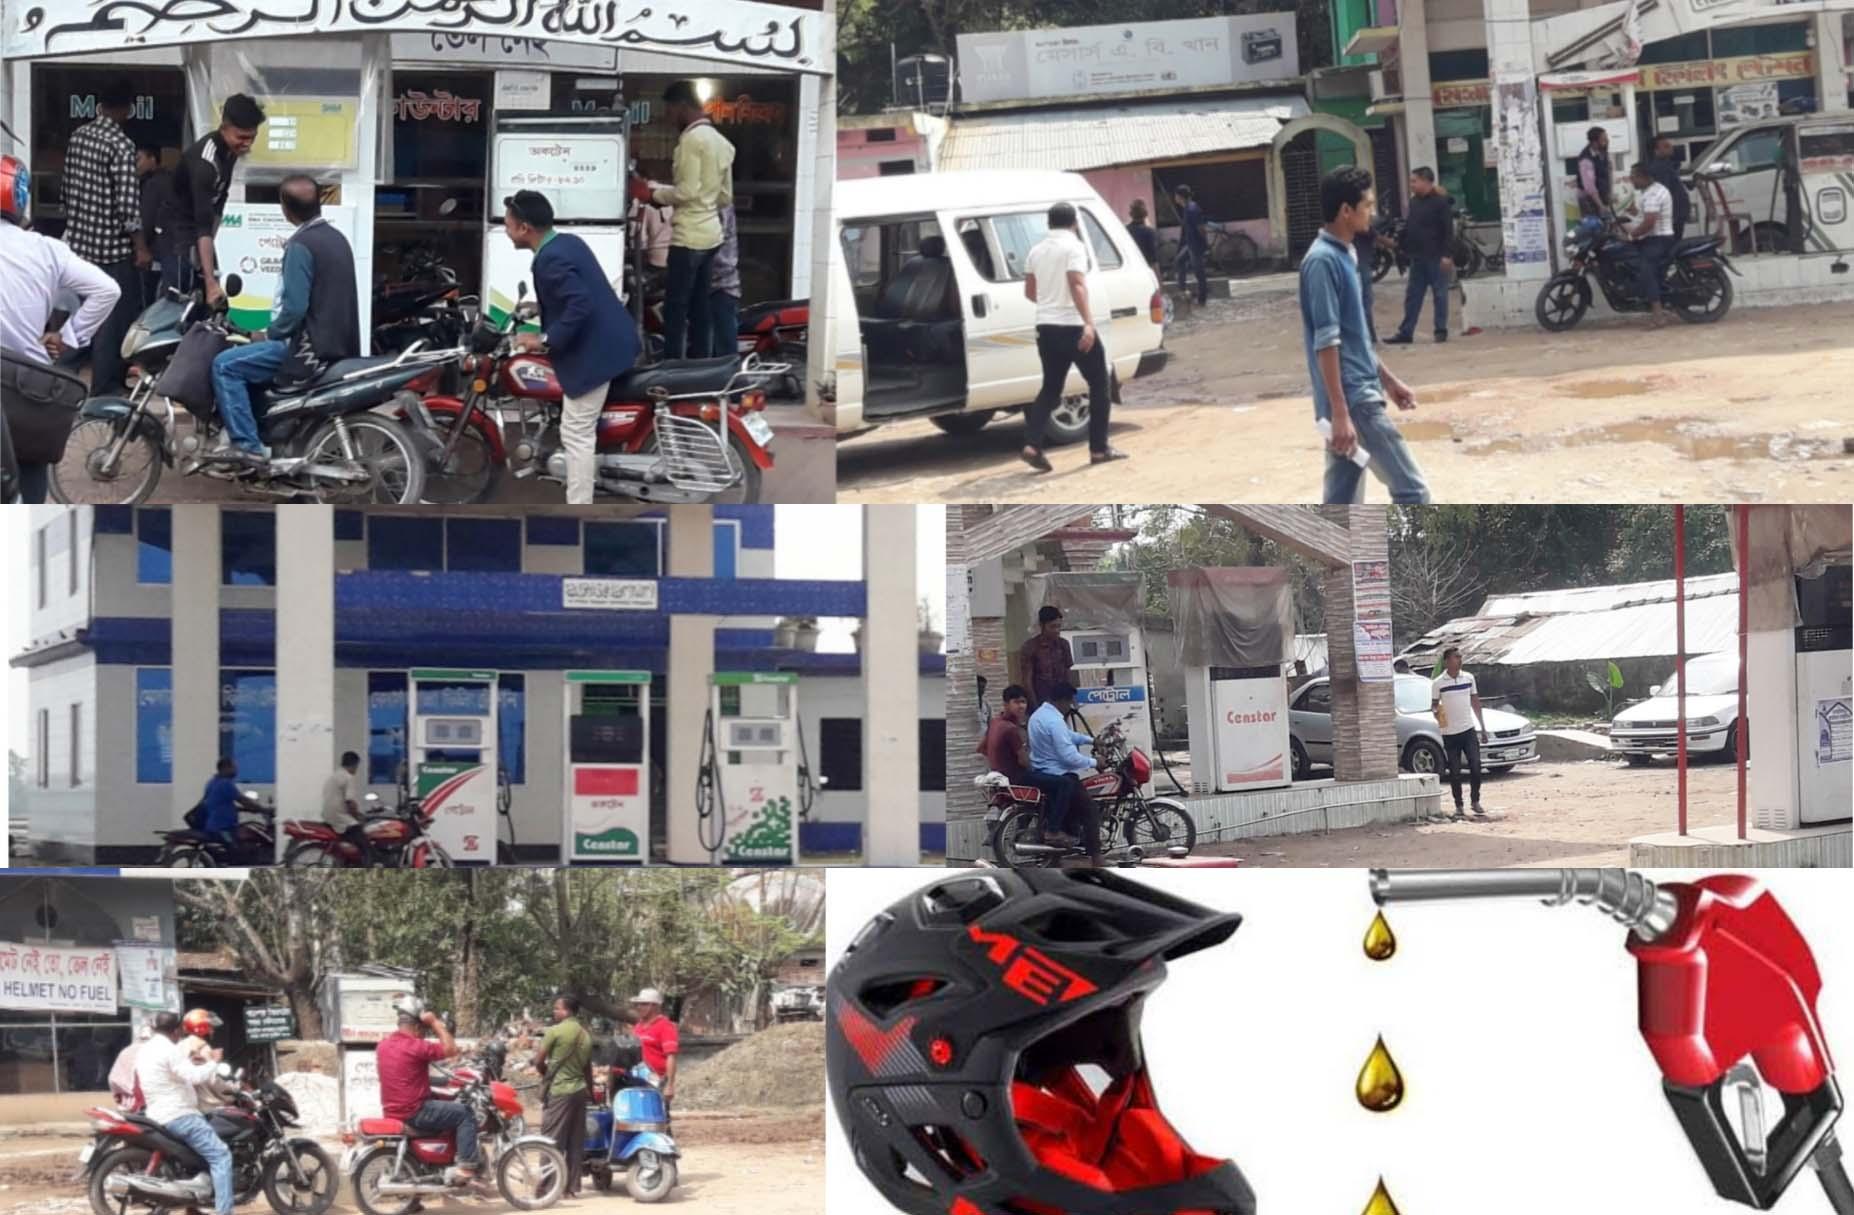 খোলা কলাম জেলায় প্রশাসনের নির্দেশ অমান্য করেই ফিলিং স্টেশনগুলো তেল দিচ্ছে গ্রাহকদের